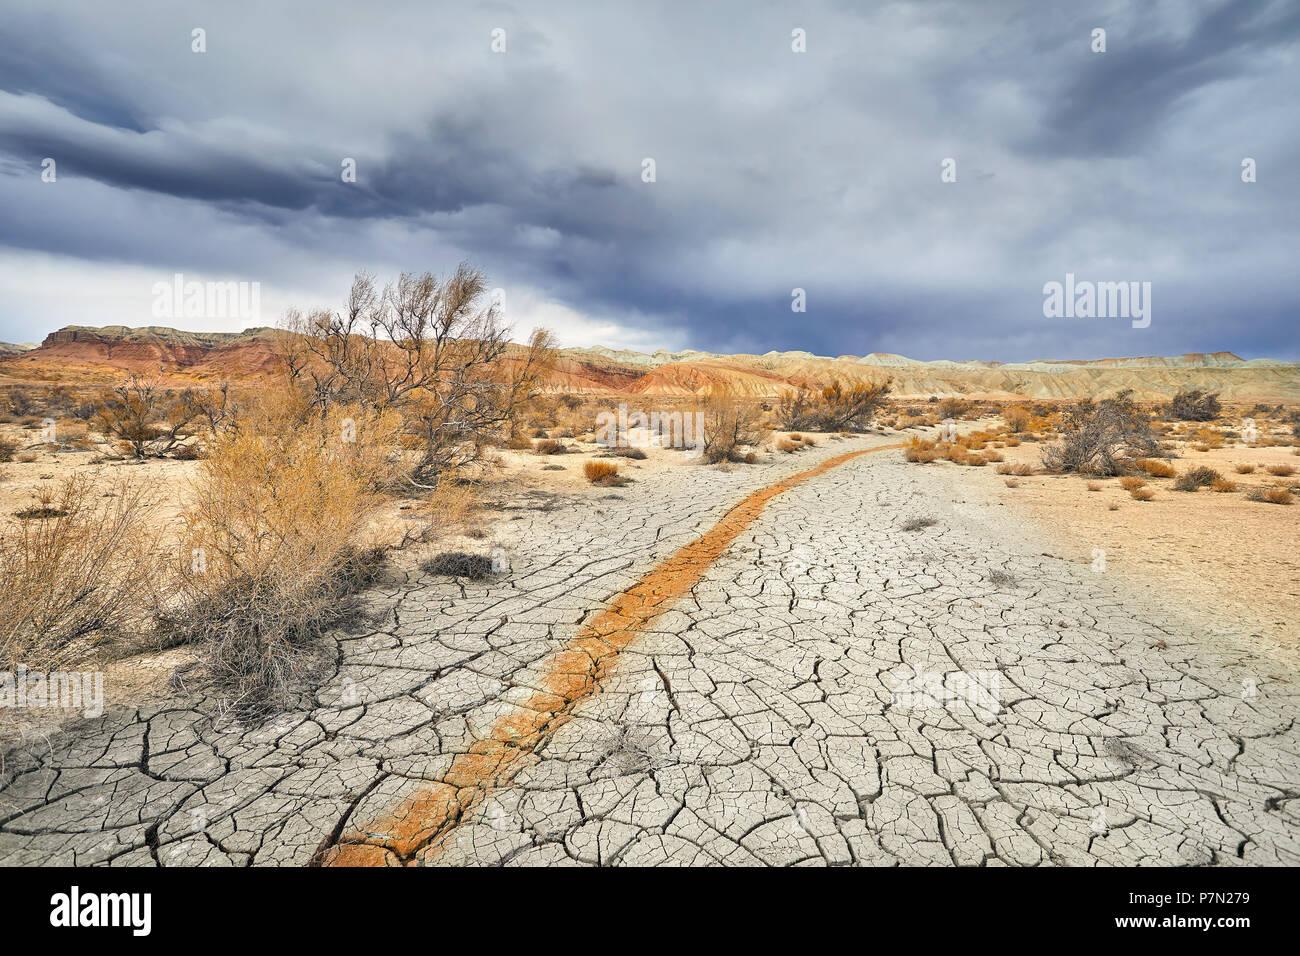 Red stripe aus Lehm auf Risse im Boden in der nationalen Desert Park Altyn Emel in Kasachstan Stockbild